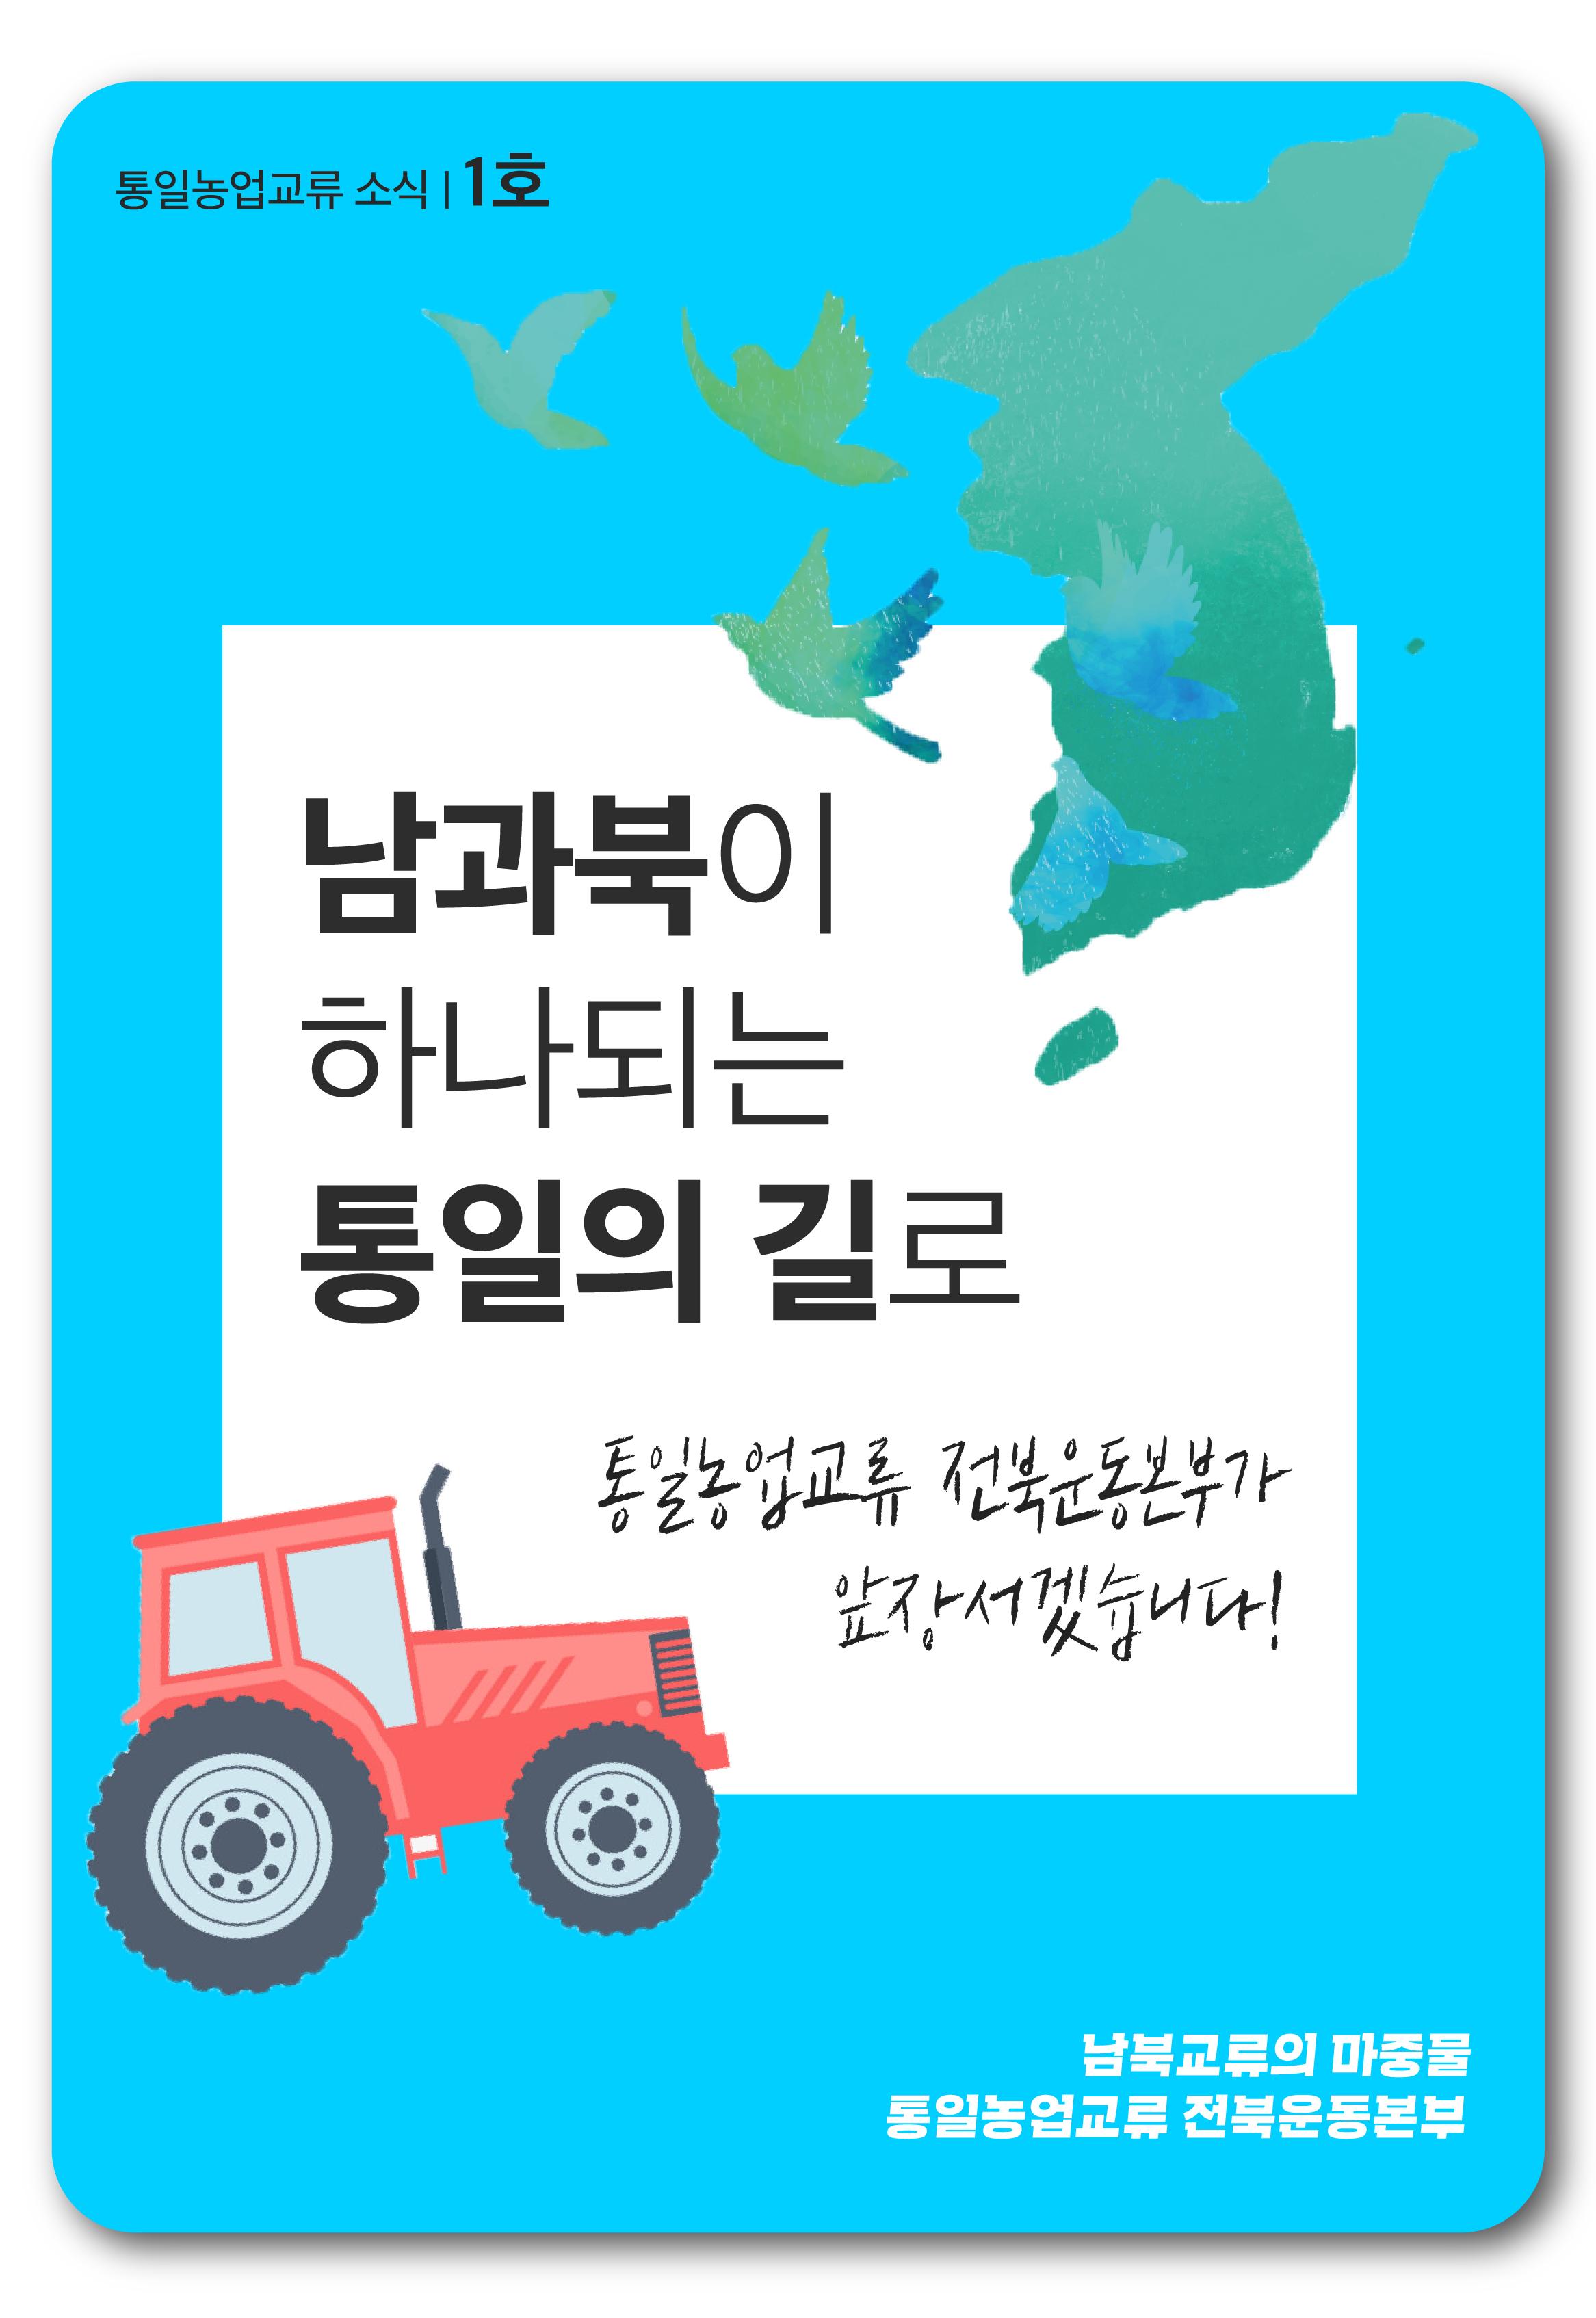 통일농업 카드뉴스 1호-01.jpg